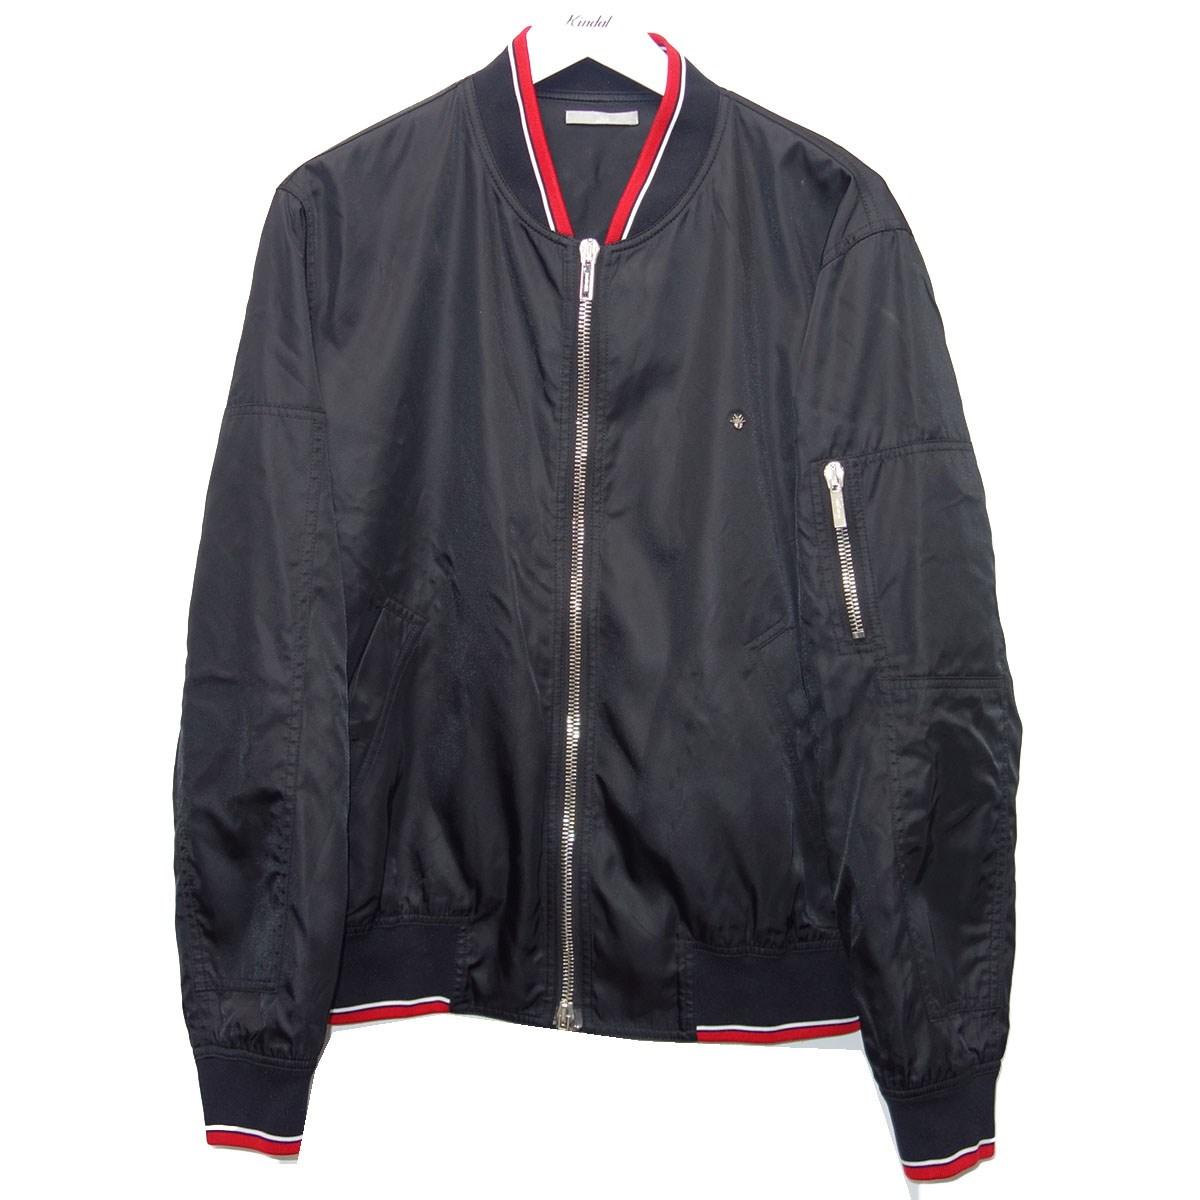 【中古】Dior Homme 17AW ナイロンジャケット ブラック サイズ:52 【010920】(ディオールオム)